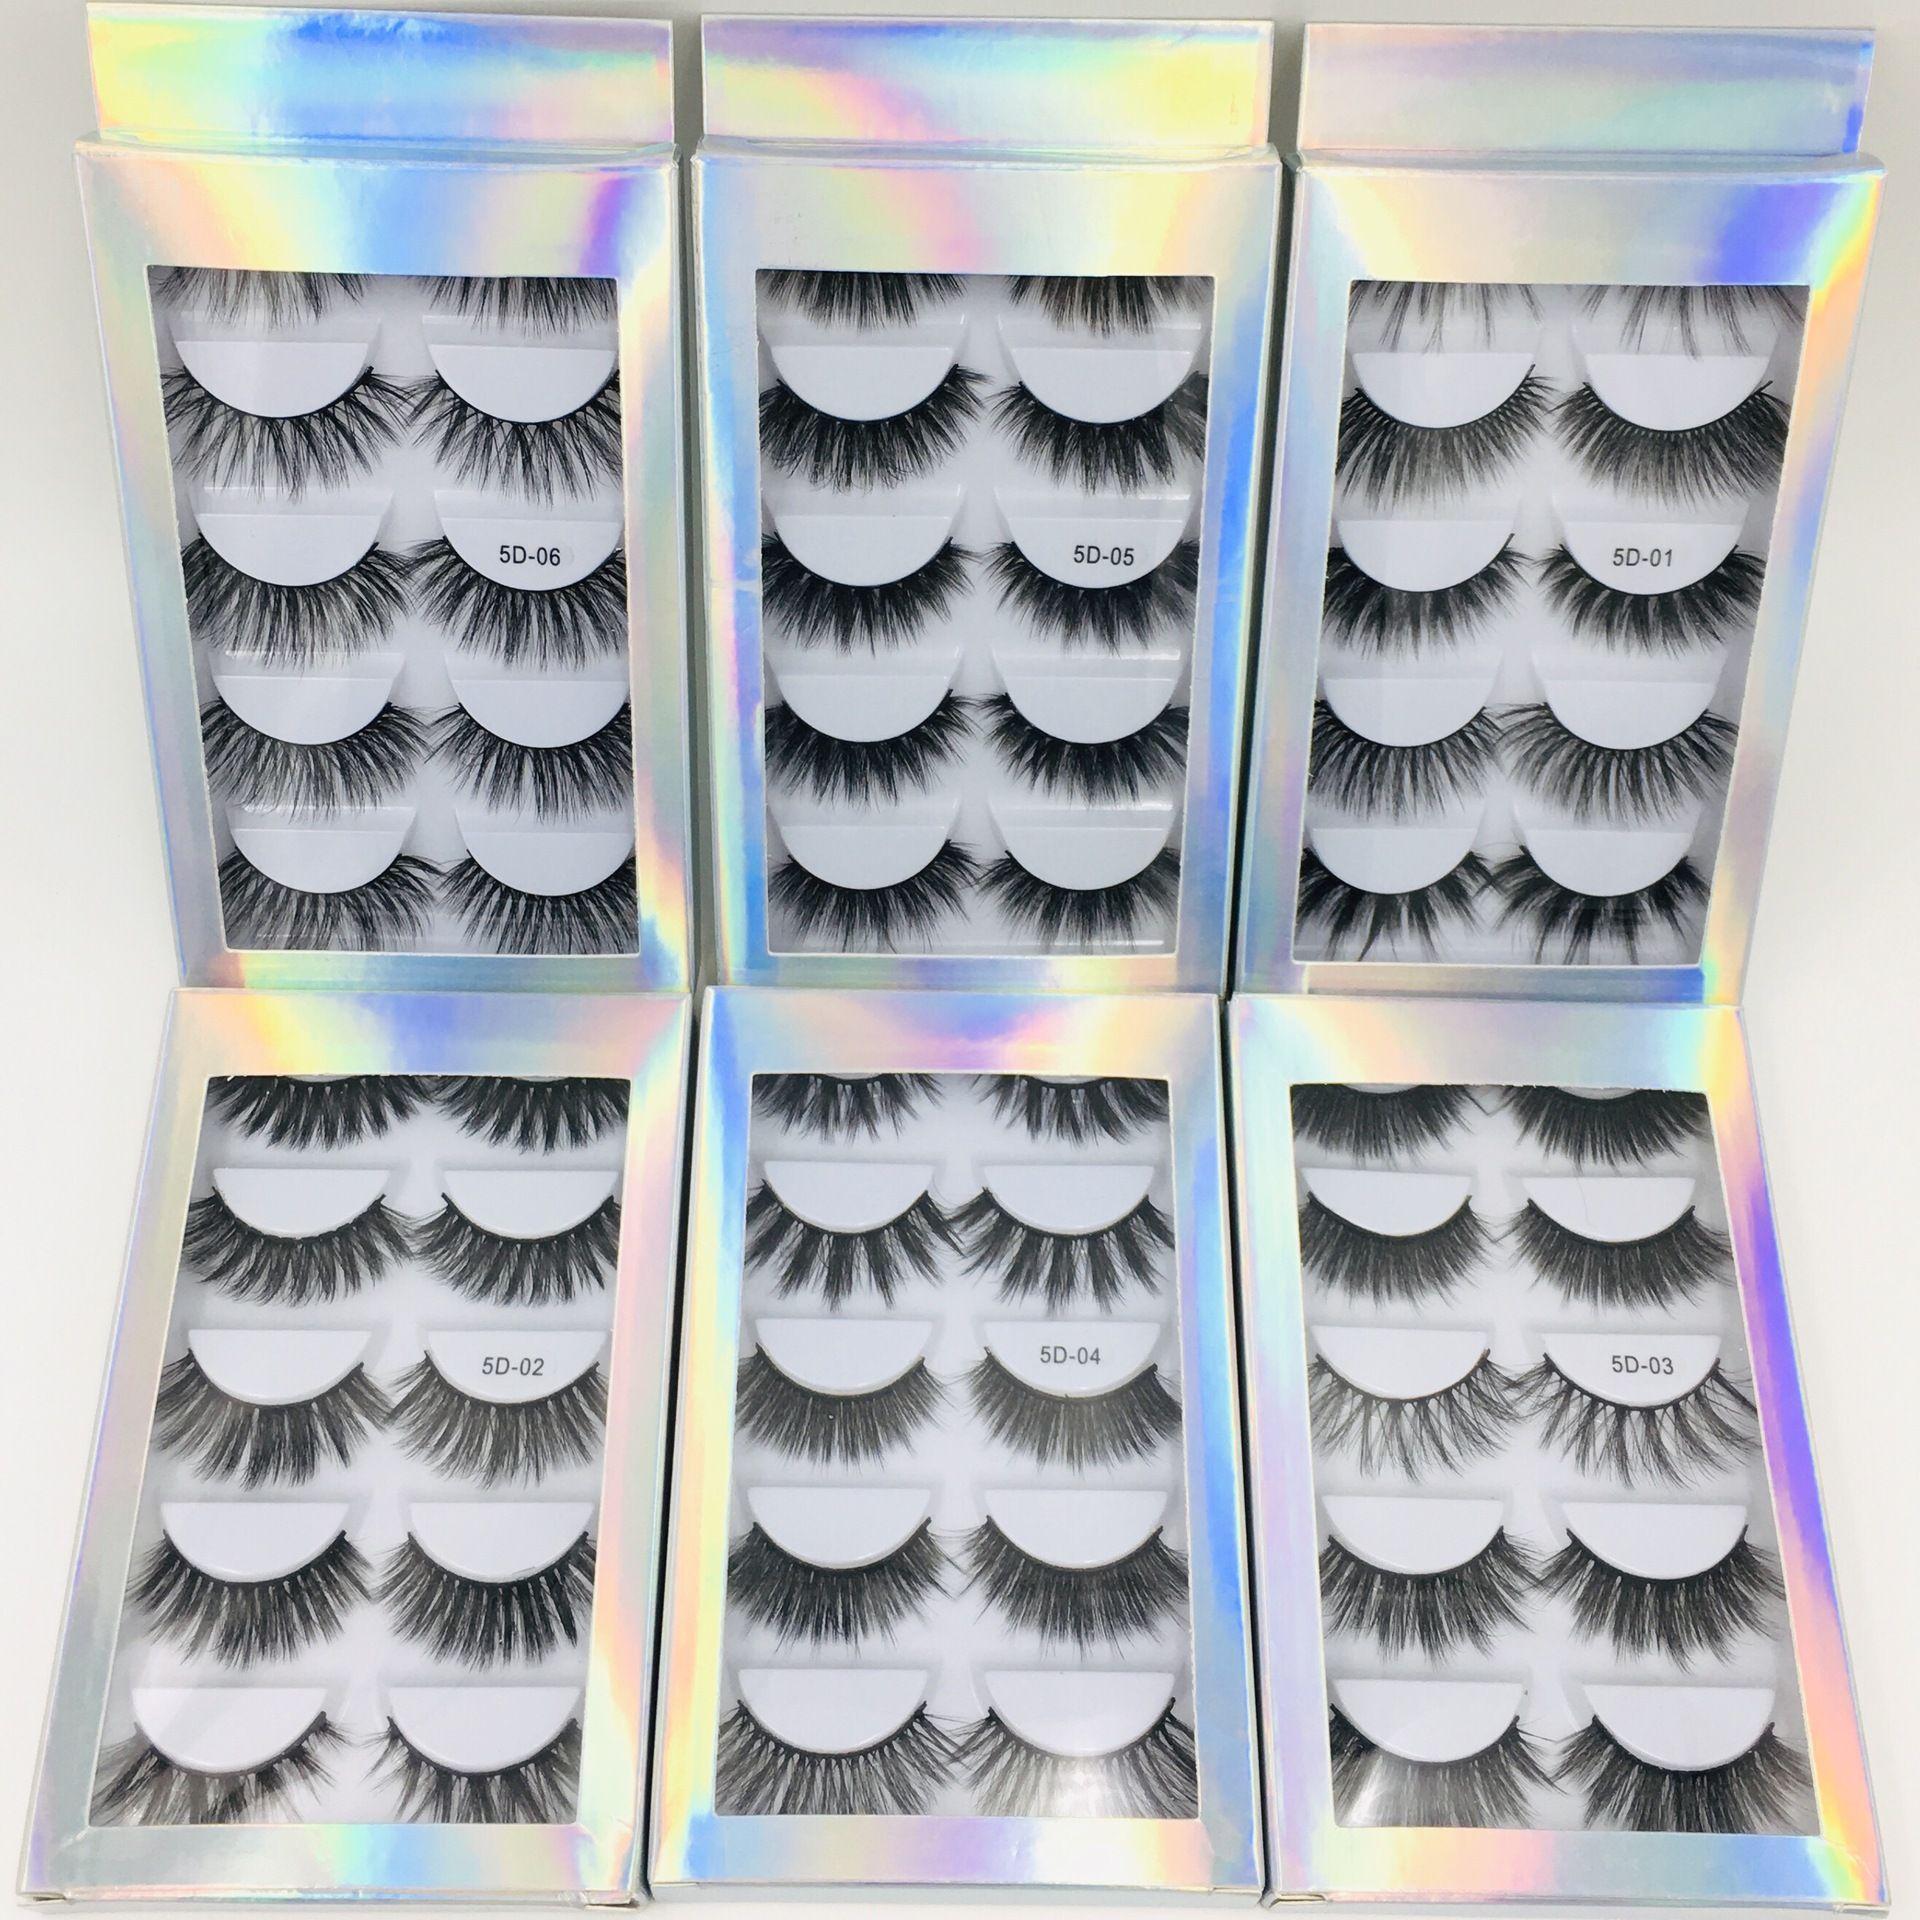 뜨거운 판매 최고의 가격 5 쌍 레이저 포장 상자 5D 밍크 속눈썹 자연 두꺼운 합성 눈 속눈썹 메이크업 수제 가짜 가짜 속눈썹